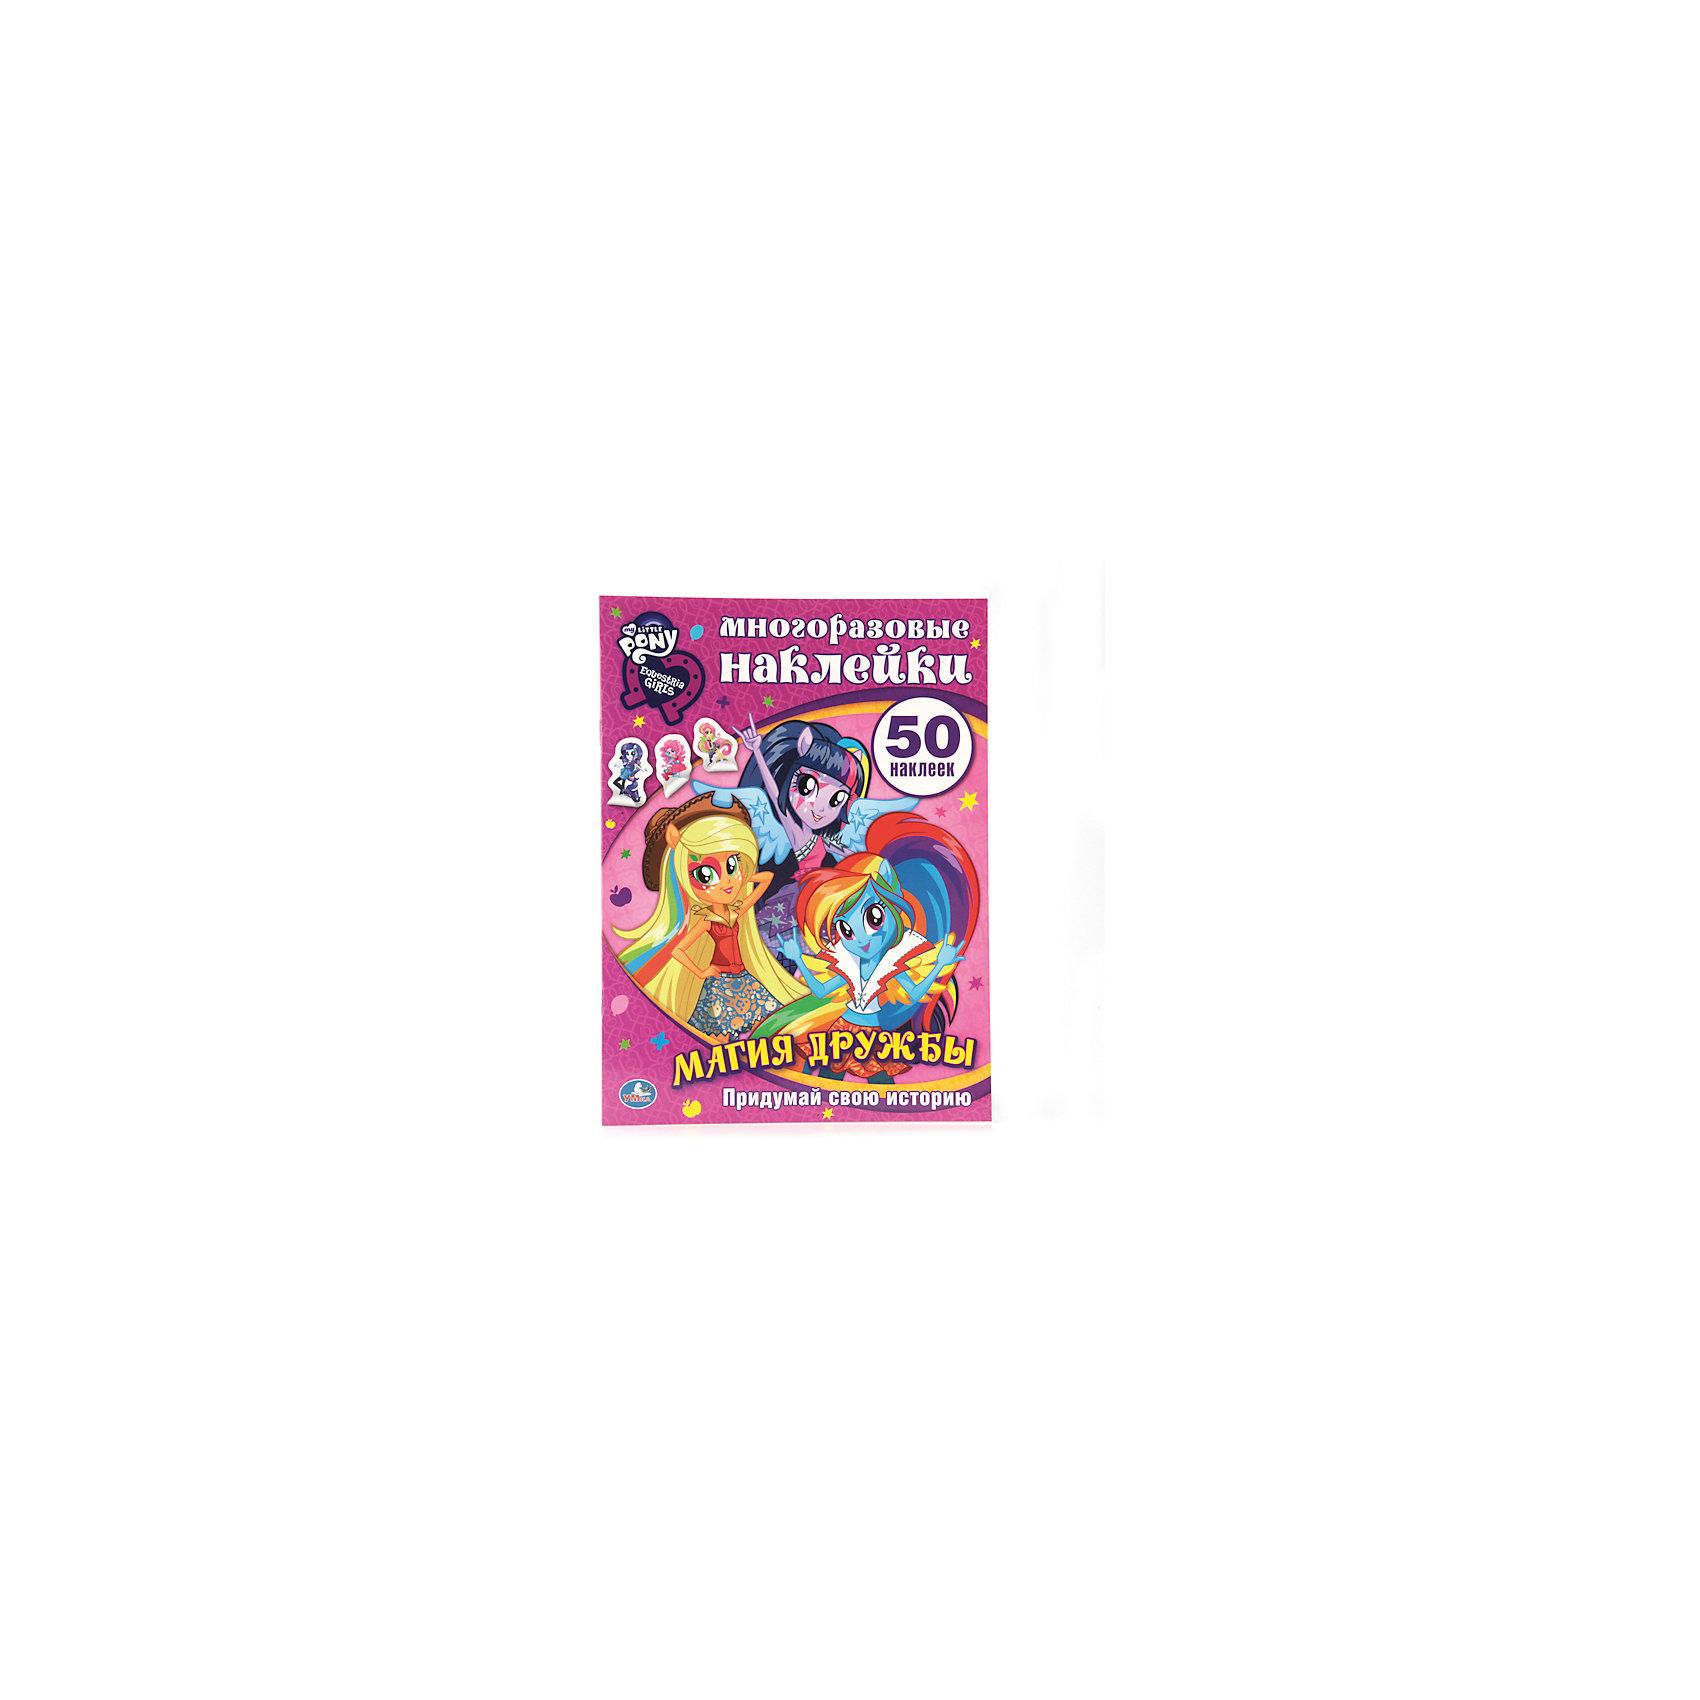 Альбом с наклейками Магия дружбы, Мой маленький пониАльбом с наклейками Магия дружбы, Мой маленький пони – этот замечательный альбом с многоразовыми наклейками понравится вашей девочке.<br>Альбом с многоразовыми наклейками «Магия дружбы» приглашает придумать историю про Девушек Эквестрии. Благодаря тому, что в книге есть странички с фоном, иллюстрациями и кусочками истории, ребенок сможет досочинить ее самостоятельно. В этом ему помогут наклейки, которыми нужно будет дополнять иллюстрации, выбирая героинь по своему вкусу. Так как наклейки предназначены для неоднократного использования, их можно будет перемещать с места на место. Кроме того, можно будет вообще не вклеивать их в книгу, а украсить наклейками свои тетрадки или другие принадлежности.<br><br>Дополнительная информация:<br><br>- Количество наклеек: 50<br>- Иллюстратор: Вадим Калинин<br>- Редакторы: Кристина Хомякова, Анна Козырь<br>- Составитель: Анна Козырь<br>- Издательство: С-Трейд<br>- Серия: Многоразовые наклейки<br>- Тип обложки: мягкий переплет<br>- Количество страниц: 8<br>- Иллюстрации: цветные<br>- Размер альбома: 210x290x2 мм.<br>- Вес: 80 гр.<br><br>Альбом с наклейками Магия дружбы, Мой маленький пони - наклеивайте веселые яркие картинки и придумывайте свои истории про персонажей мультсериала Мой маленький пони.<br><br>Альбом с наклейками Магия дружбы, Мой маленький пони можно купить в нашем интернет-магазине.<br><br>Ширина мм: 210<br>Глубина мм: 290<br>Высота мм: 5<br>Вес г: 80<br>Возраст от месяцев: 36<br>Возраст до месяцев: 108<br>Пол: Женский<br>Возраст: Детский<br>SKU: 4284084